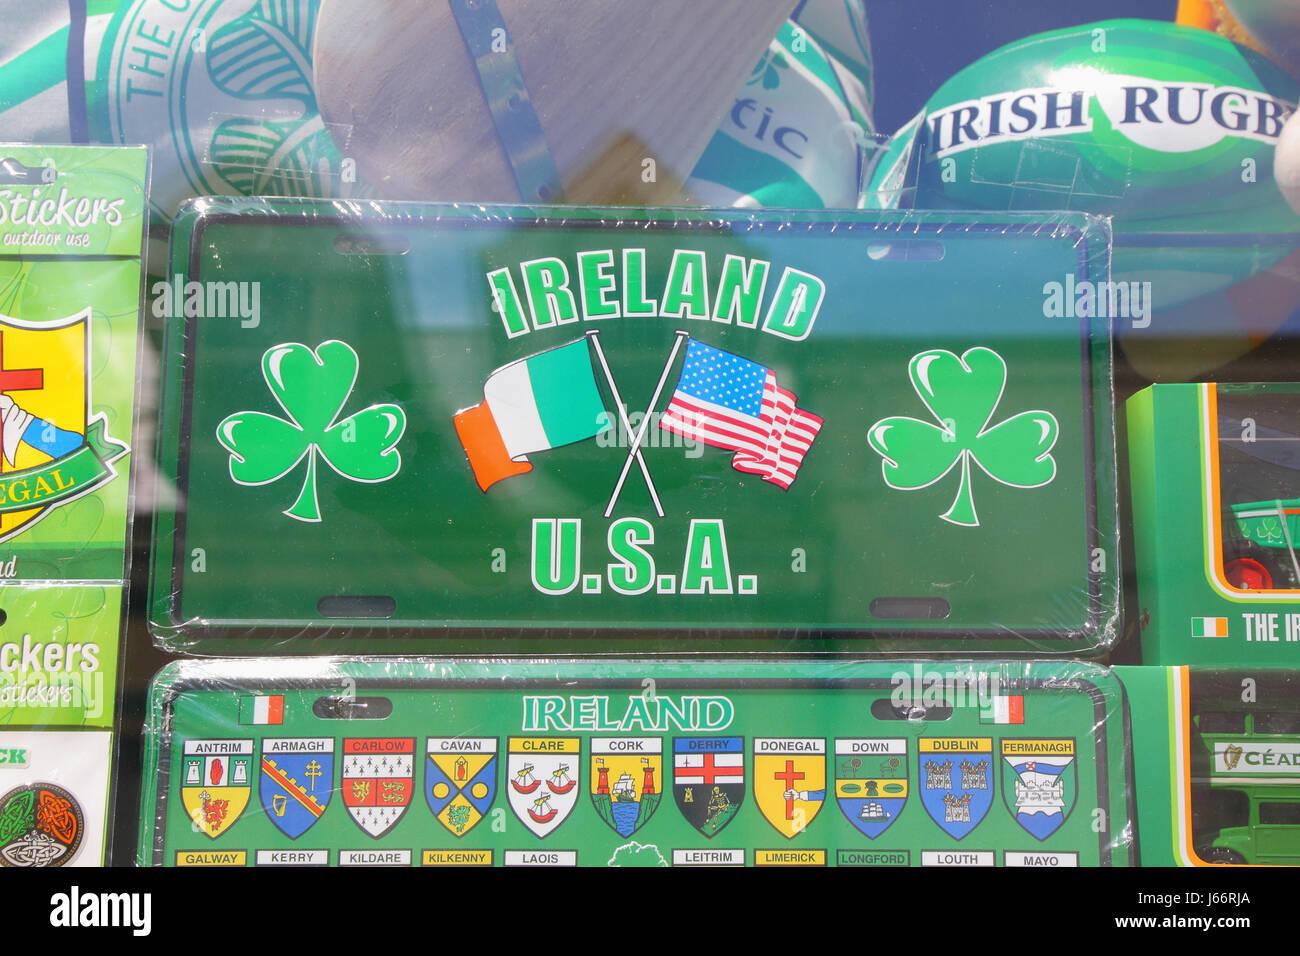 Segno per la vendita in vetrina in Irlanda, affermando Irish American relazioni Immagini Stock